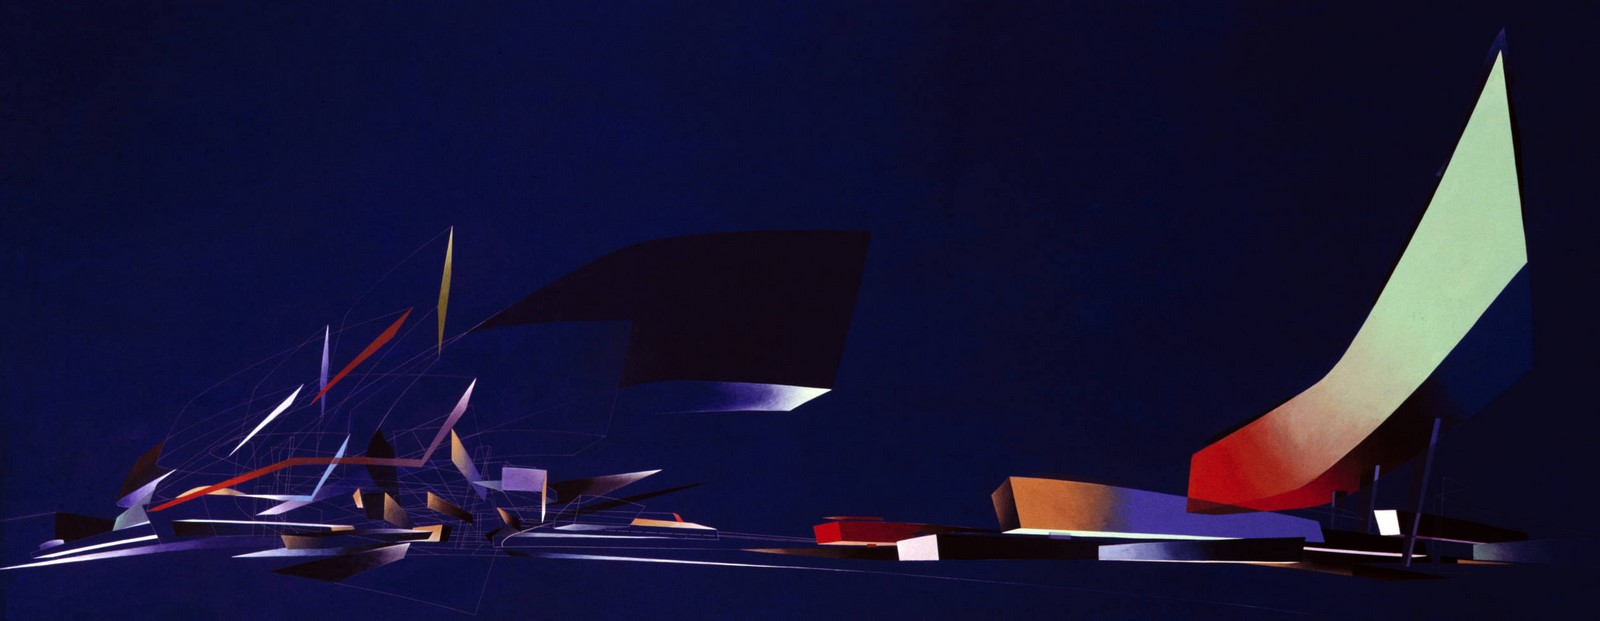 Zaha Hadid - Sheet4